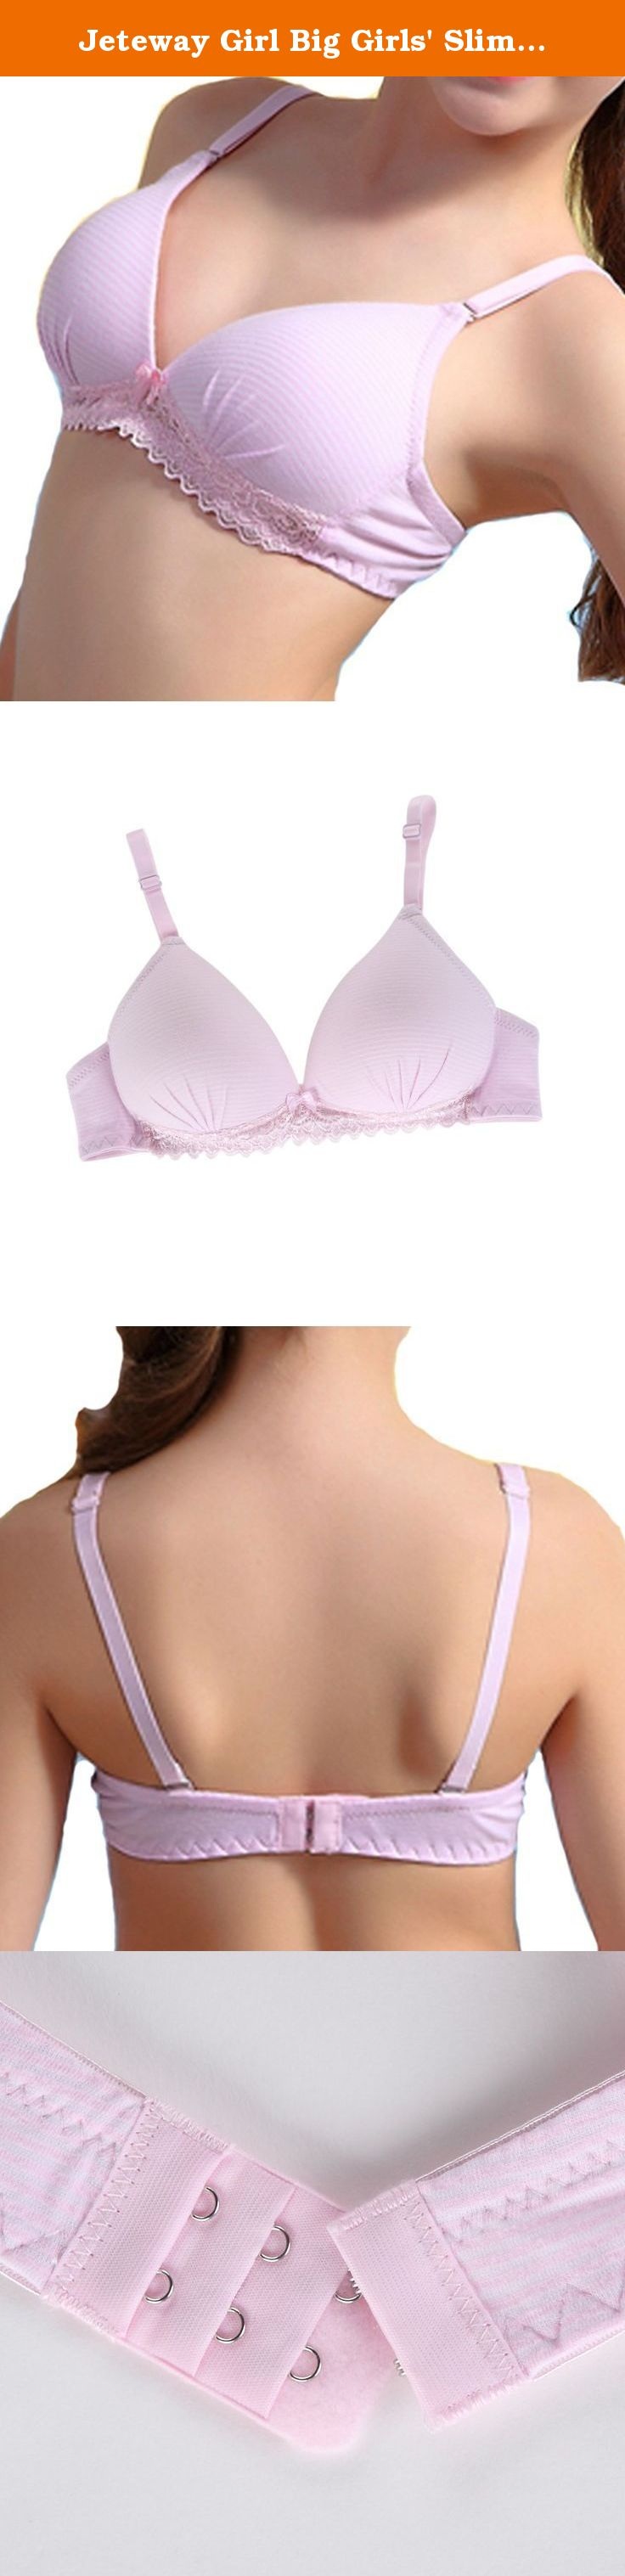 NEW 2 Pack Training Bras MEDIUM 34A Teen Tween Pink Blue GRAY CHEST SZ 29.5-30.5